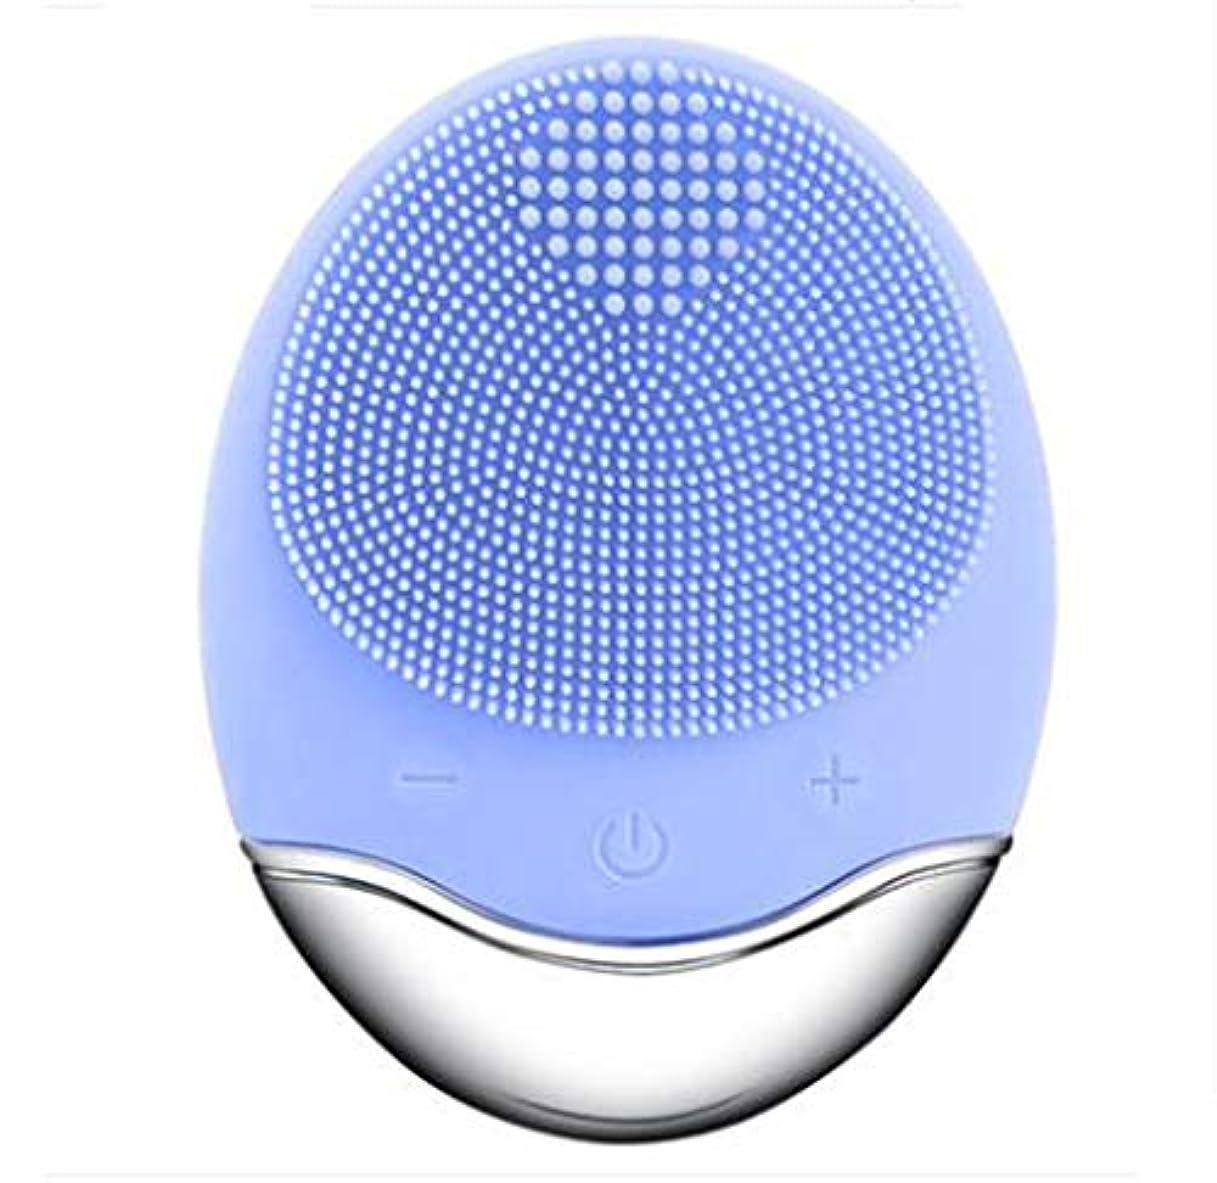 サンダルプロテスタントドライバシリコーン電気クレンジング器具、洗顔毛穴クリーナーマッサージフェイス、イントロデューサー + クレンジング器具 (1 つ2個),Blue